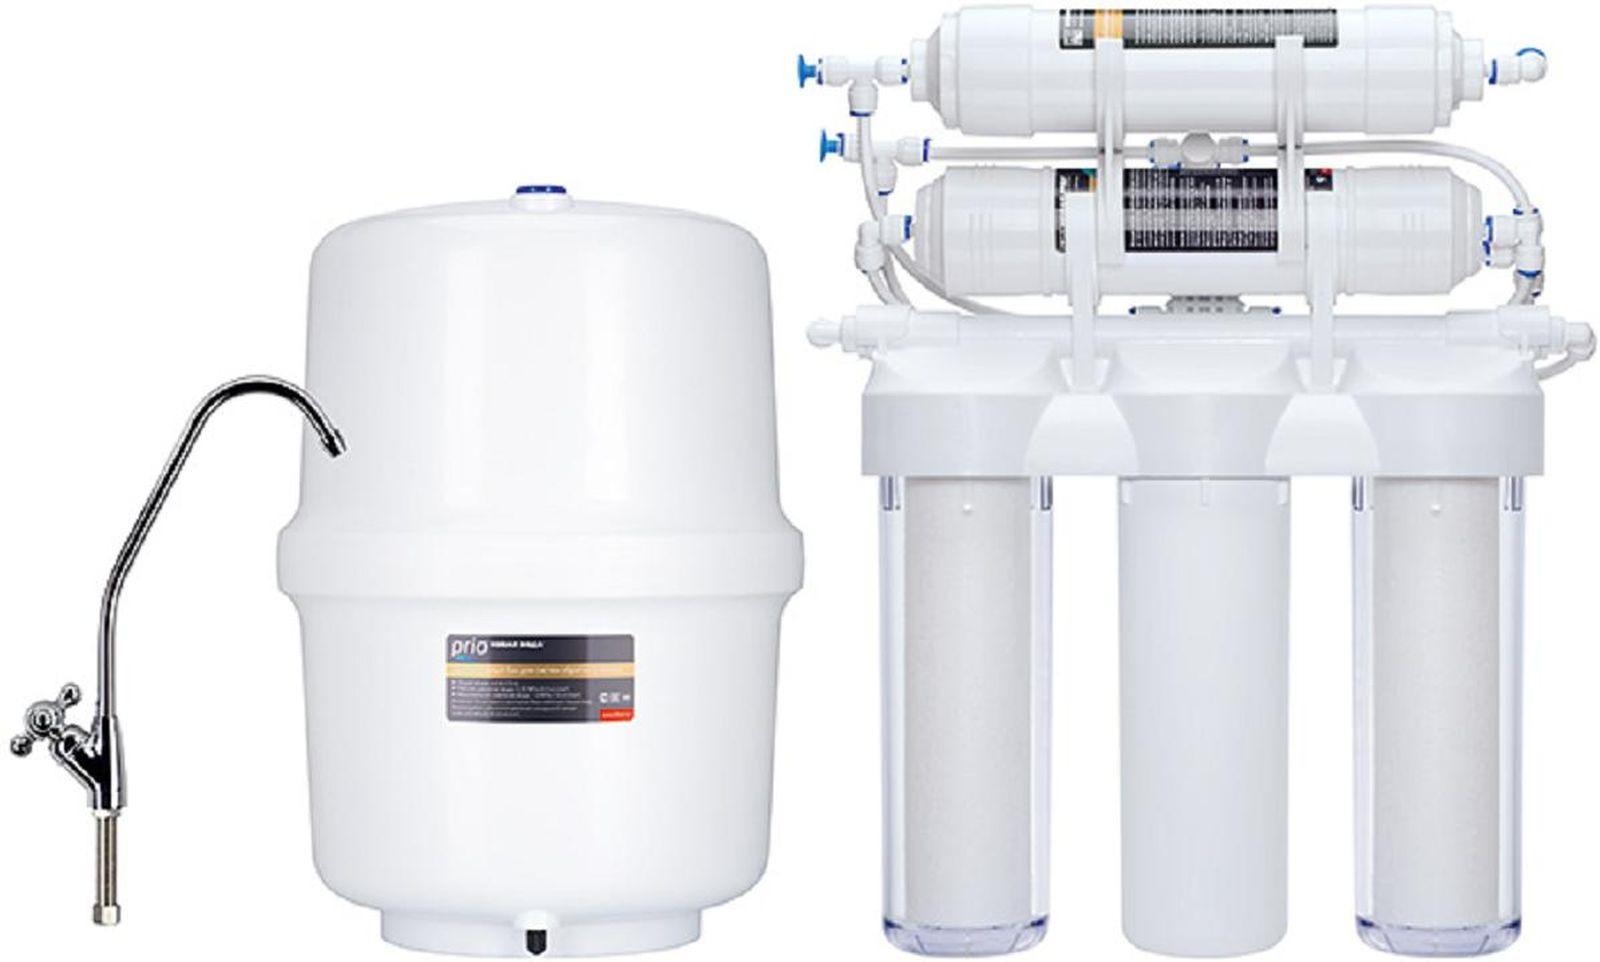 Система обратного осмоса Prio Новая Вода Praktic Osmos с минерализацией, OU510